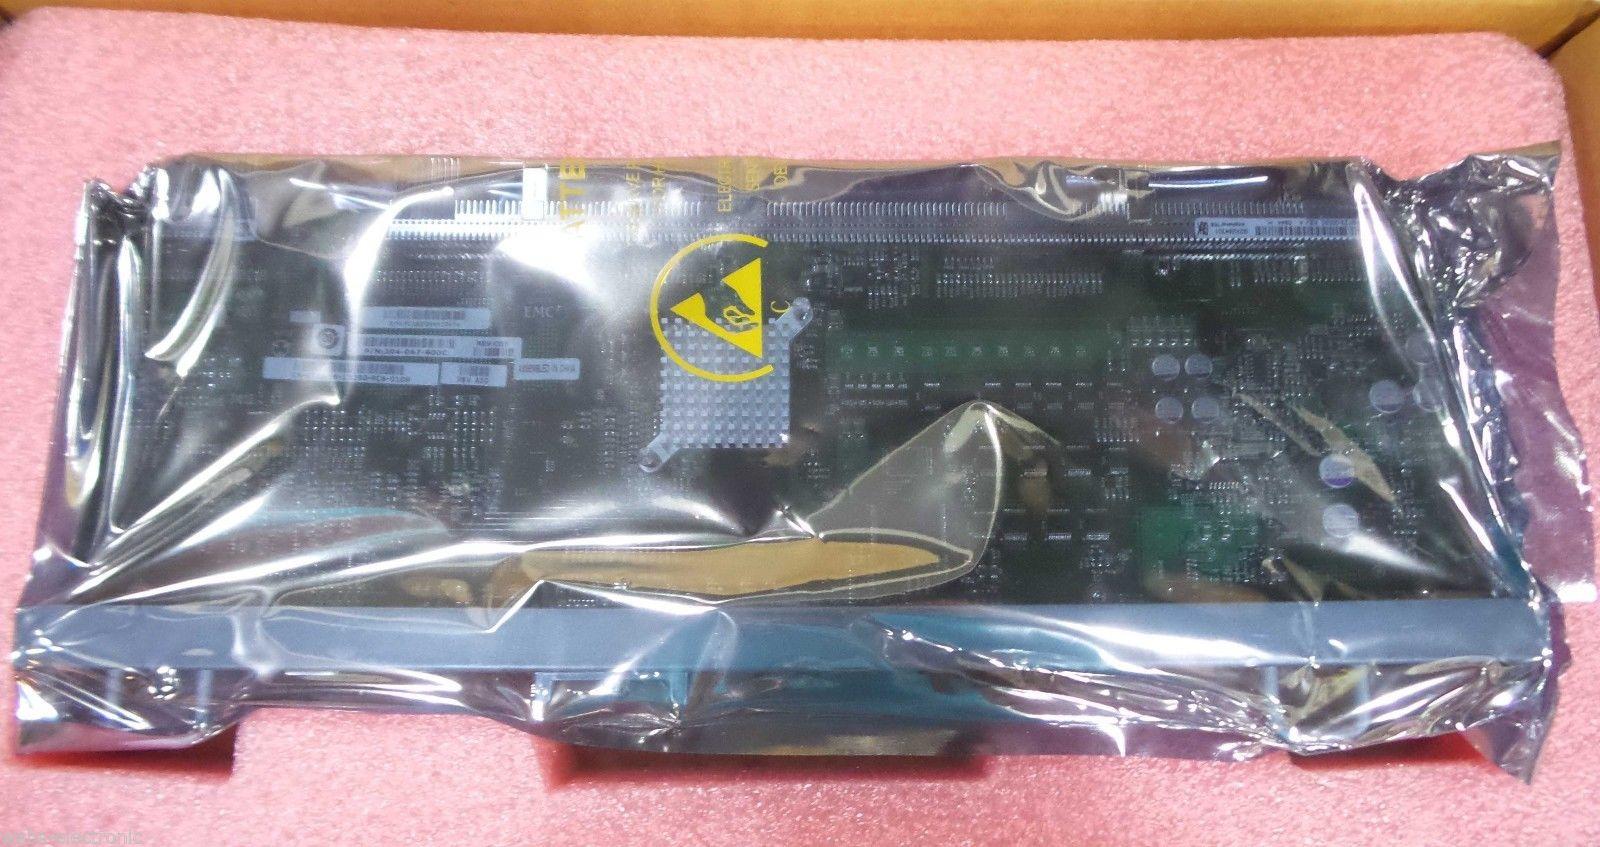 EMC-Fibre-Channel-Module-4GB-Fibre-RAID-204-067-900C-100-562-126_2